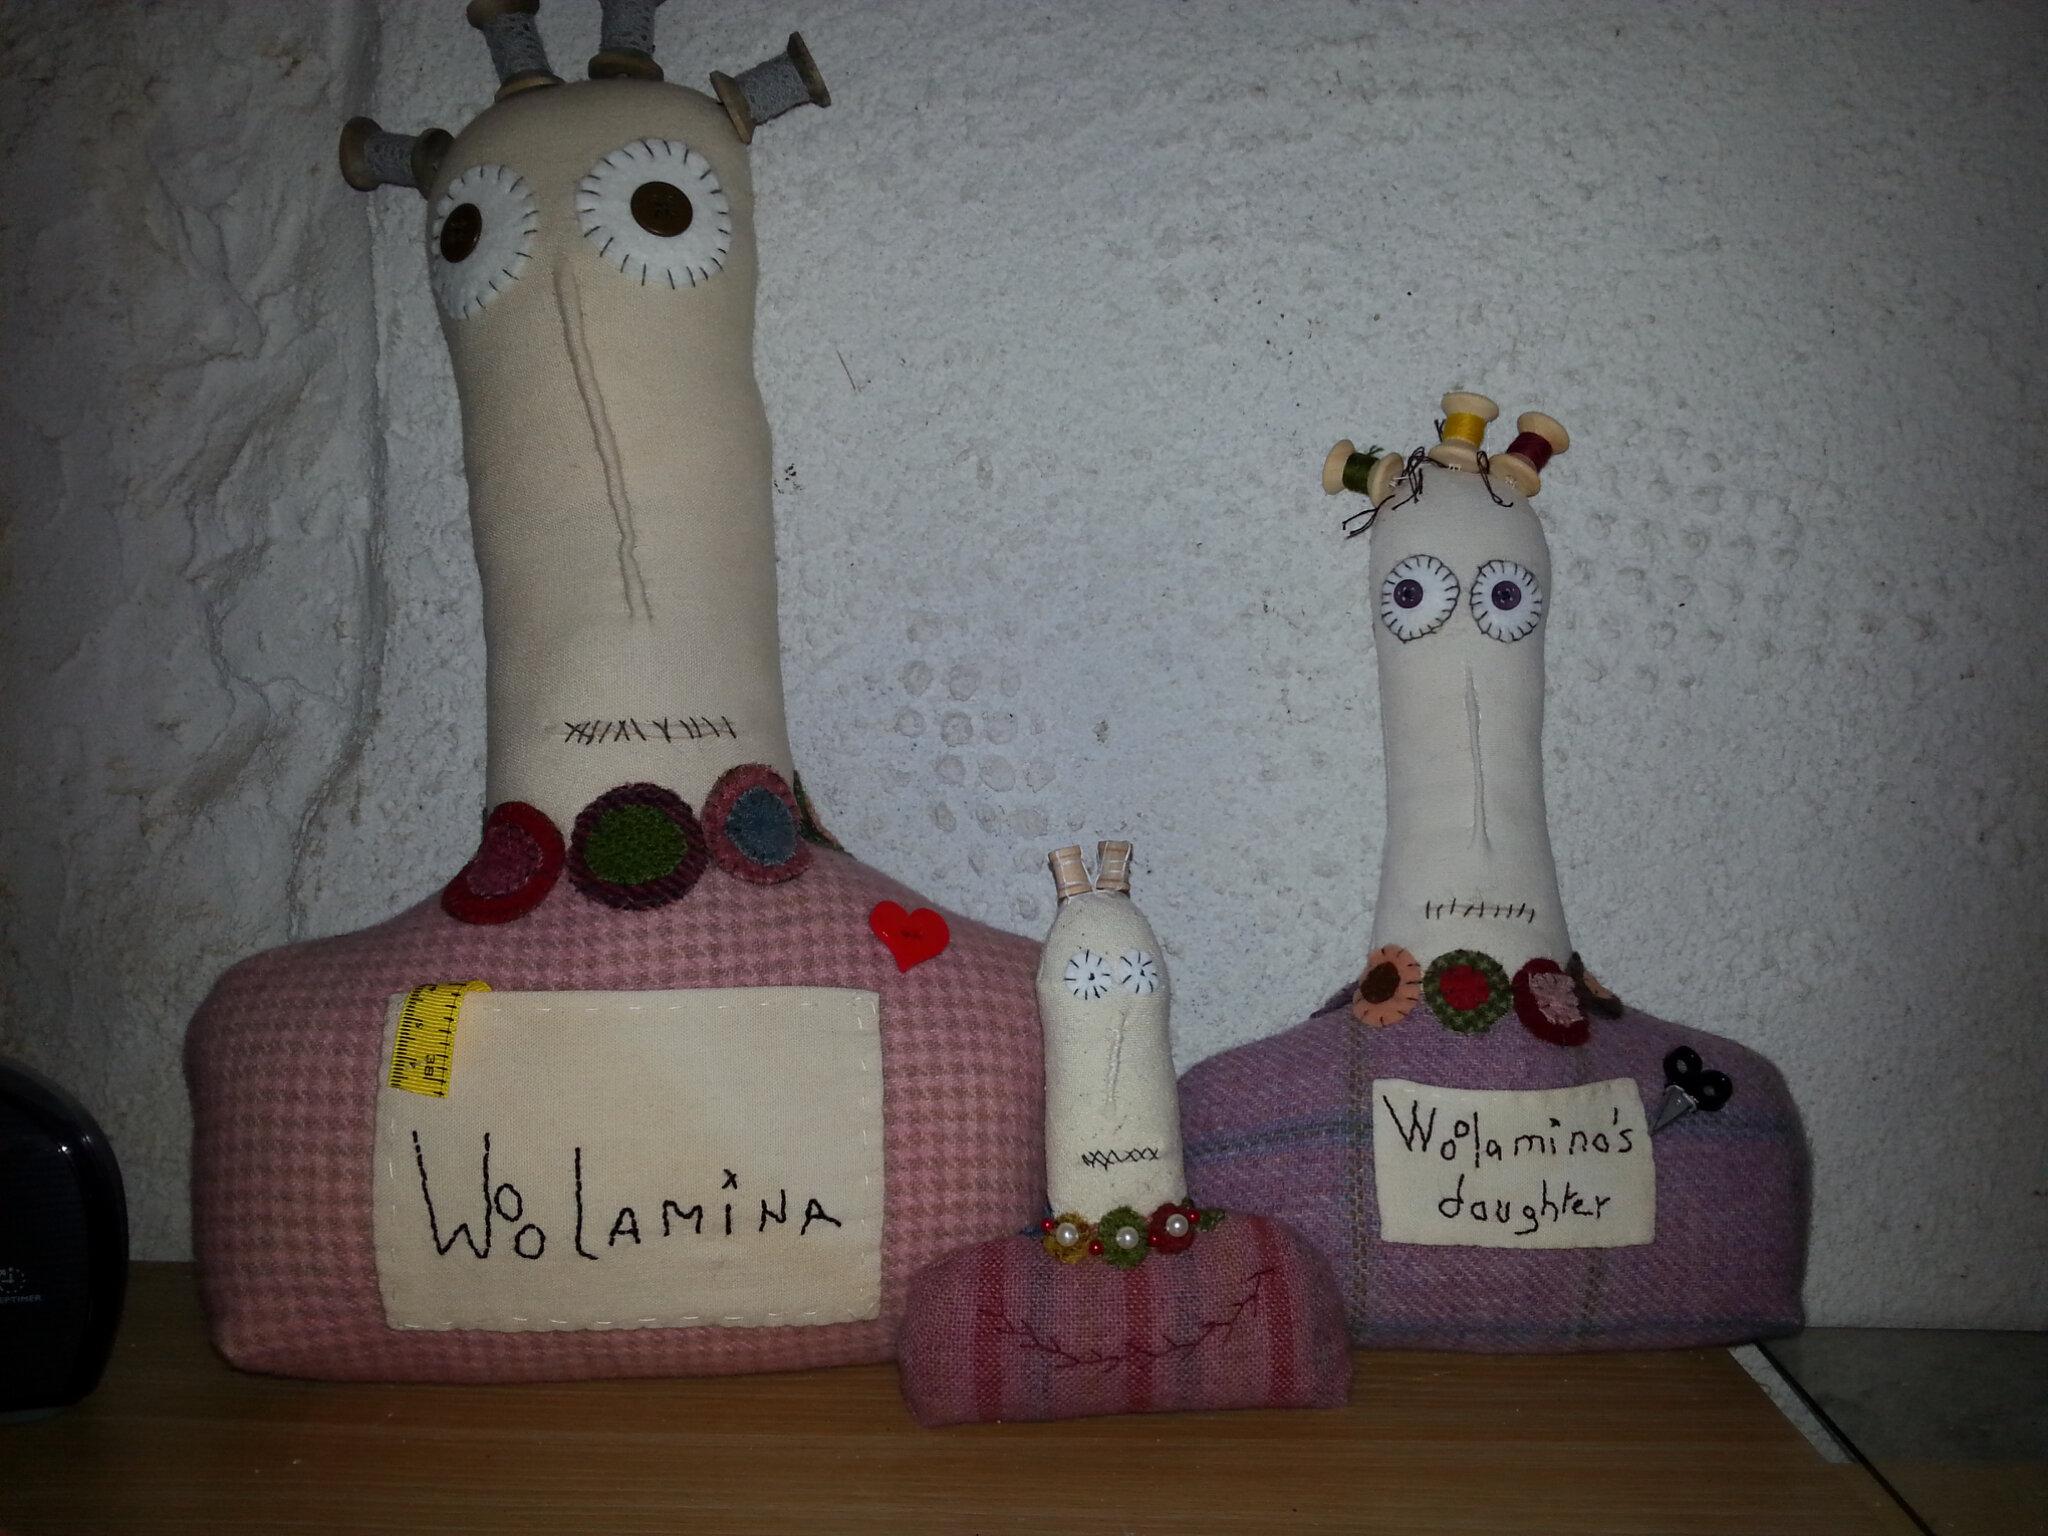 Woolamina family